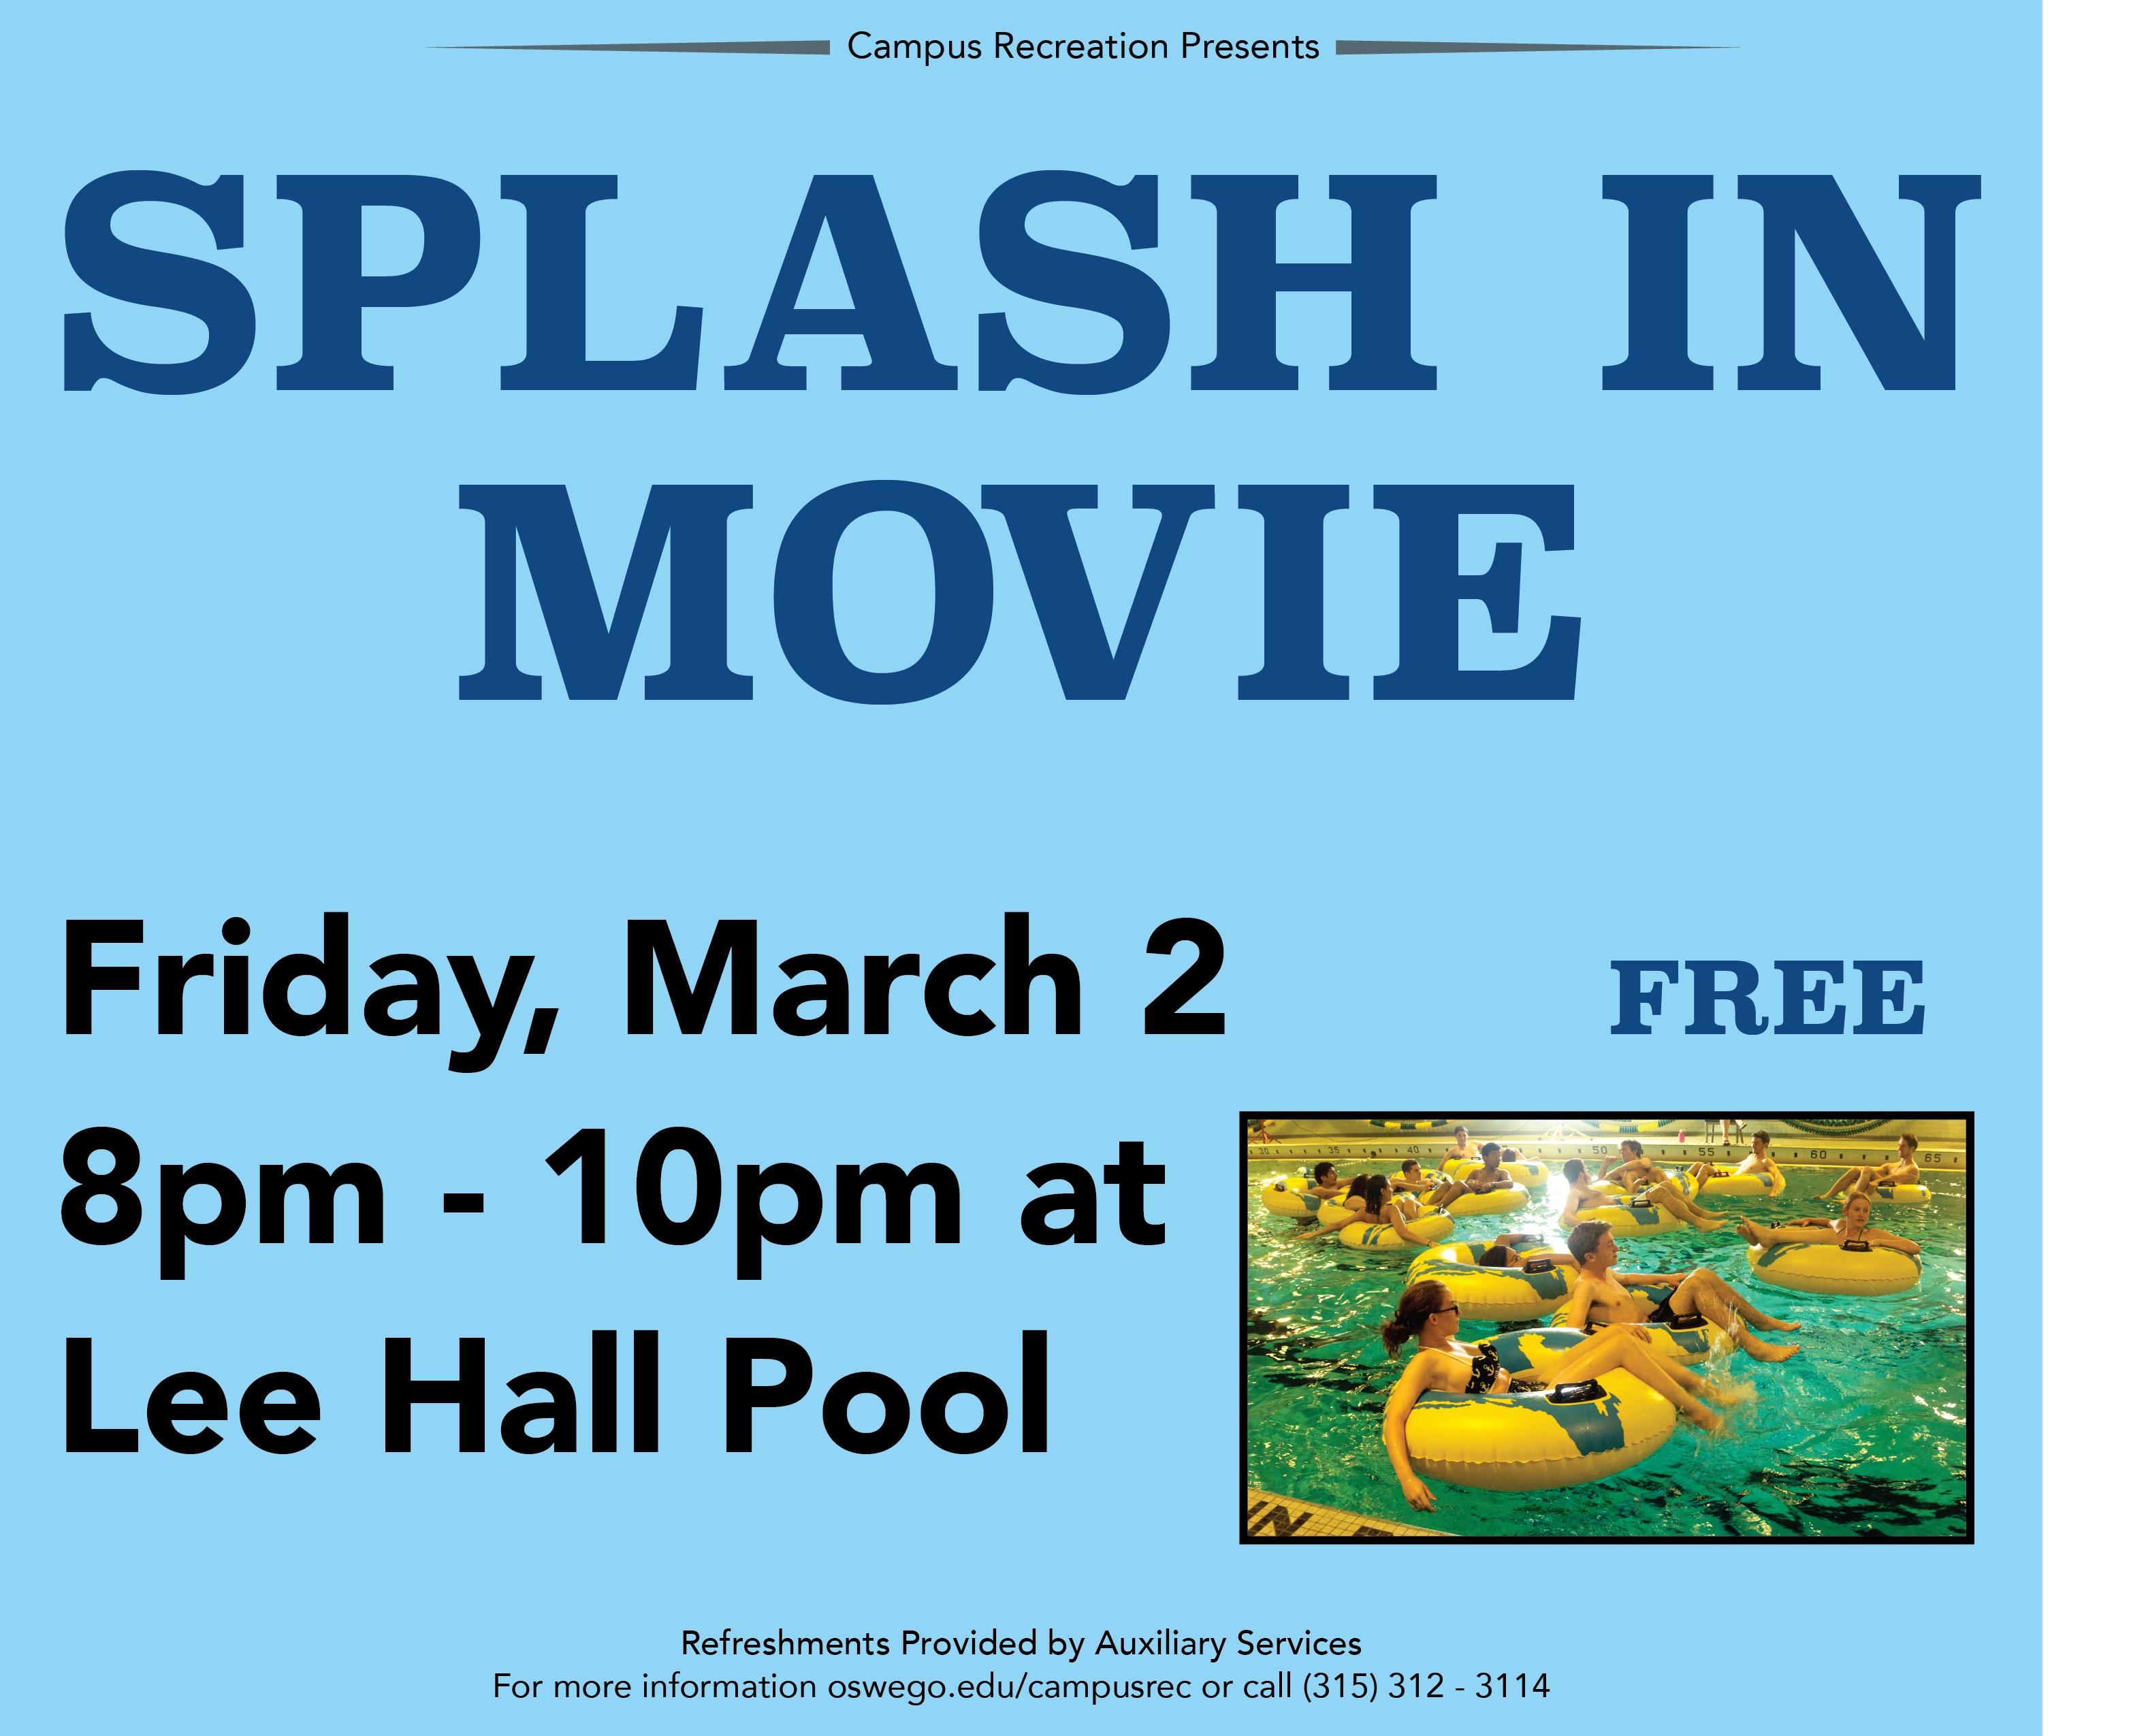 Splash in Movie